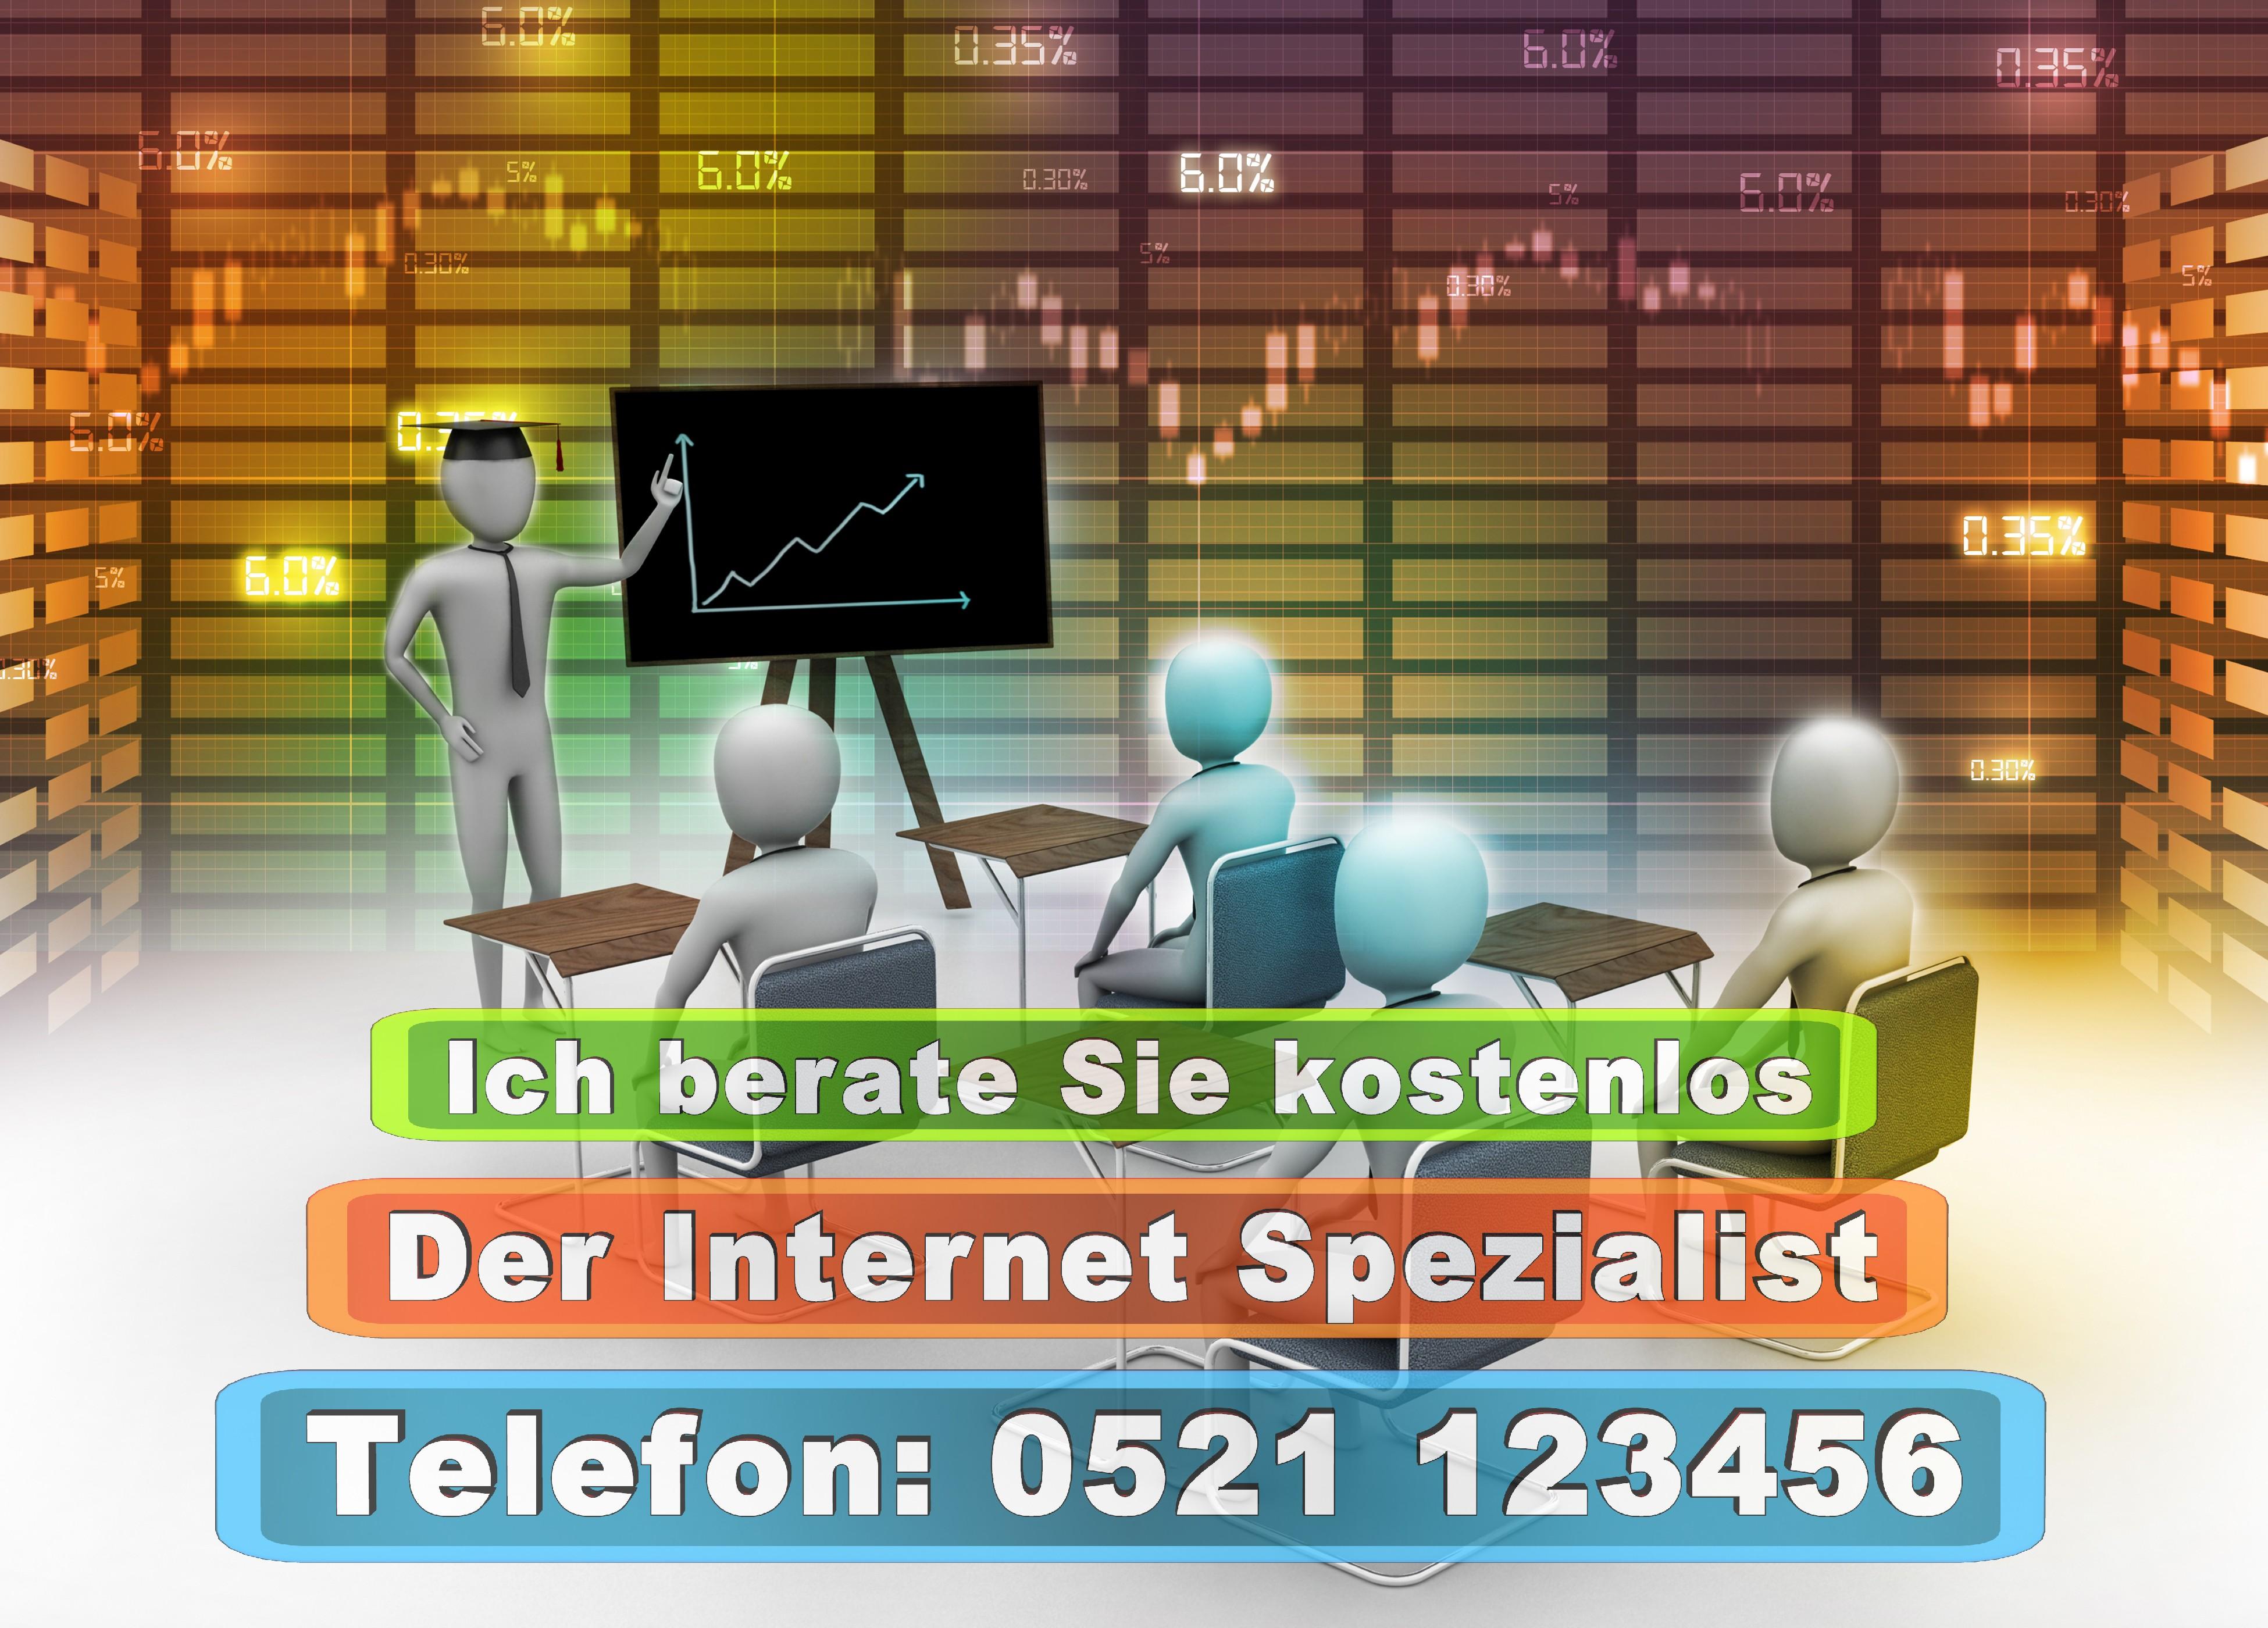 Werbeagentur Bielefeld Druckerei Bielefeld Prospekte Zeitung Visitenkarten Poster Werbung Print Presse Druck Fotografie Fotos Internet (67)